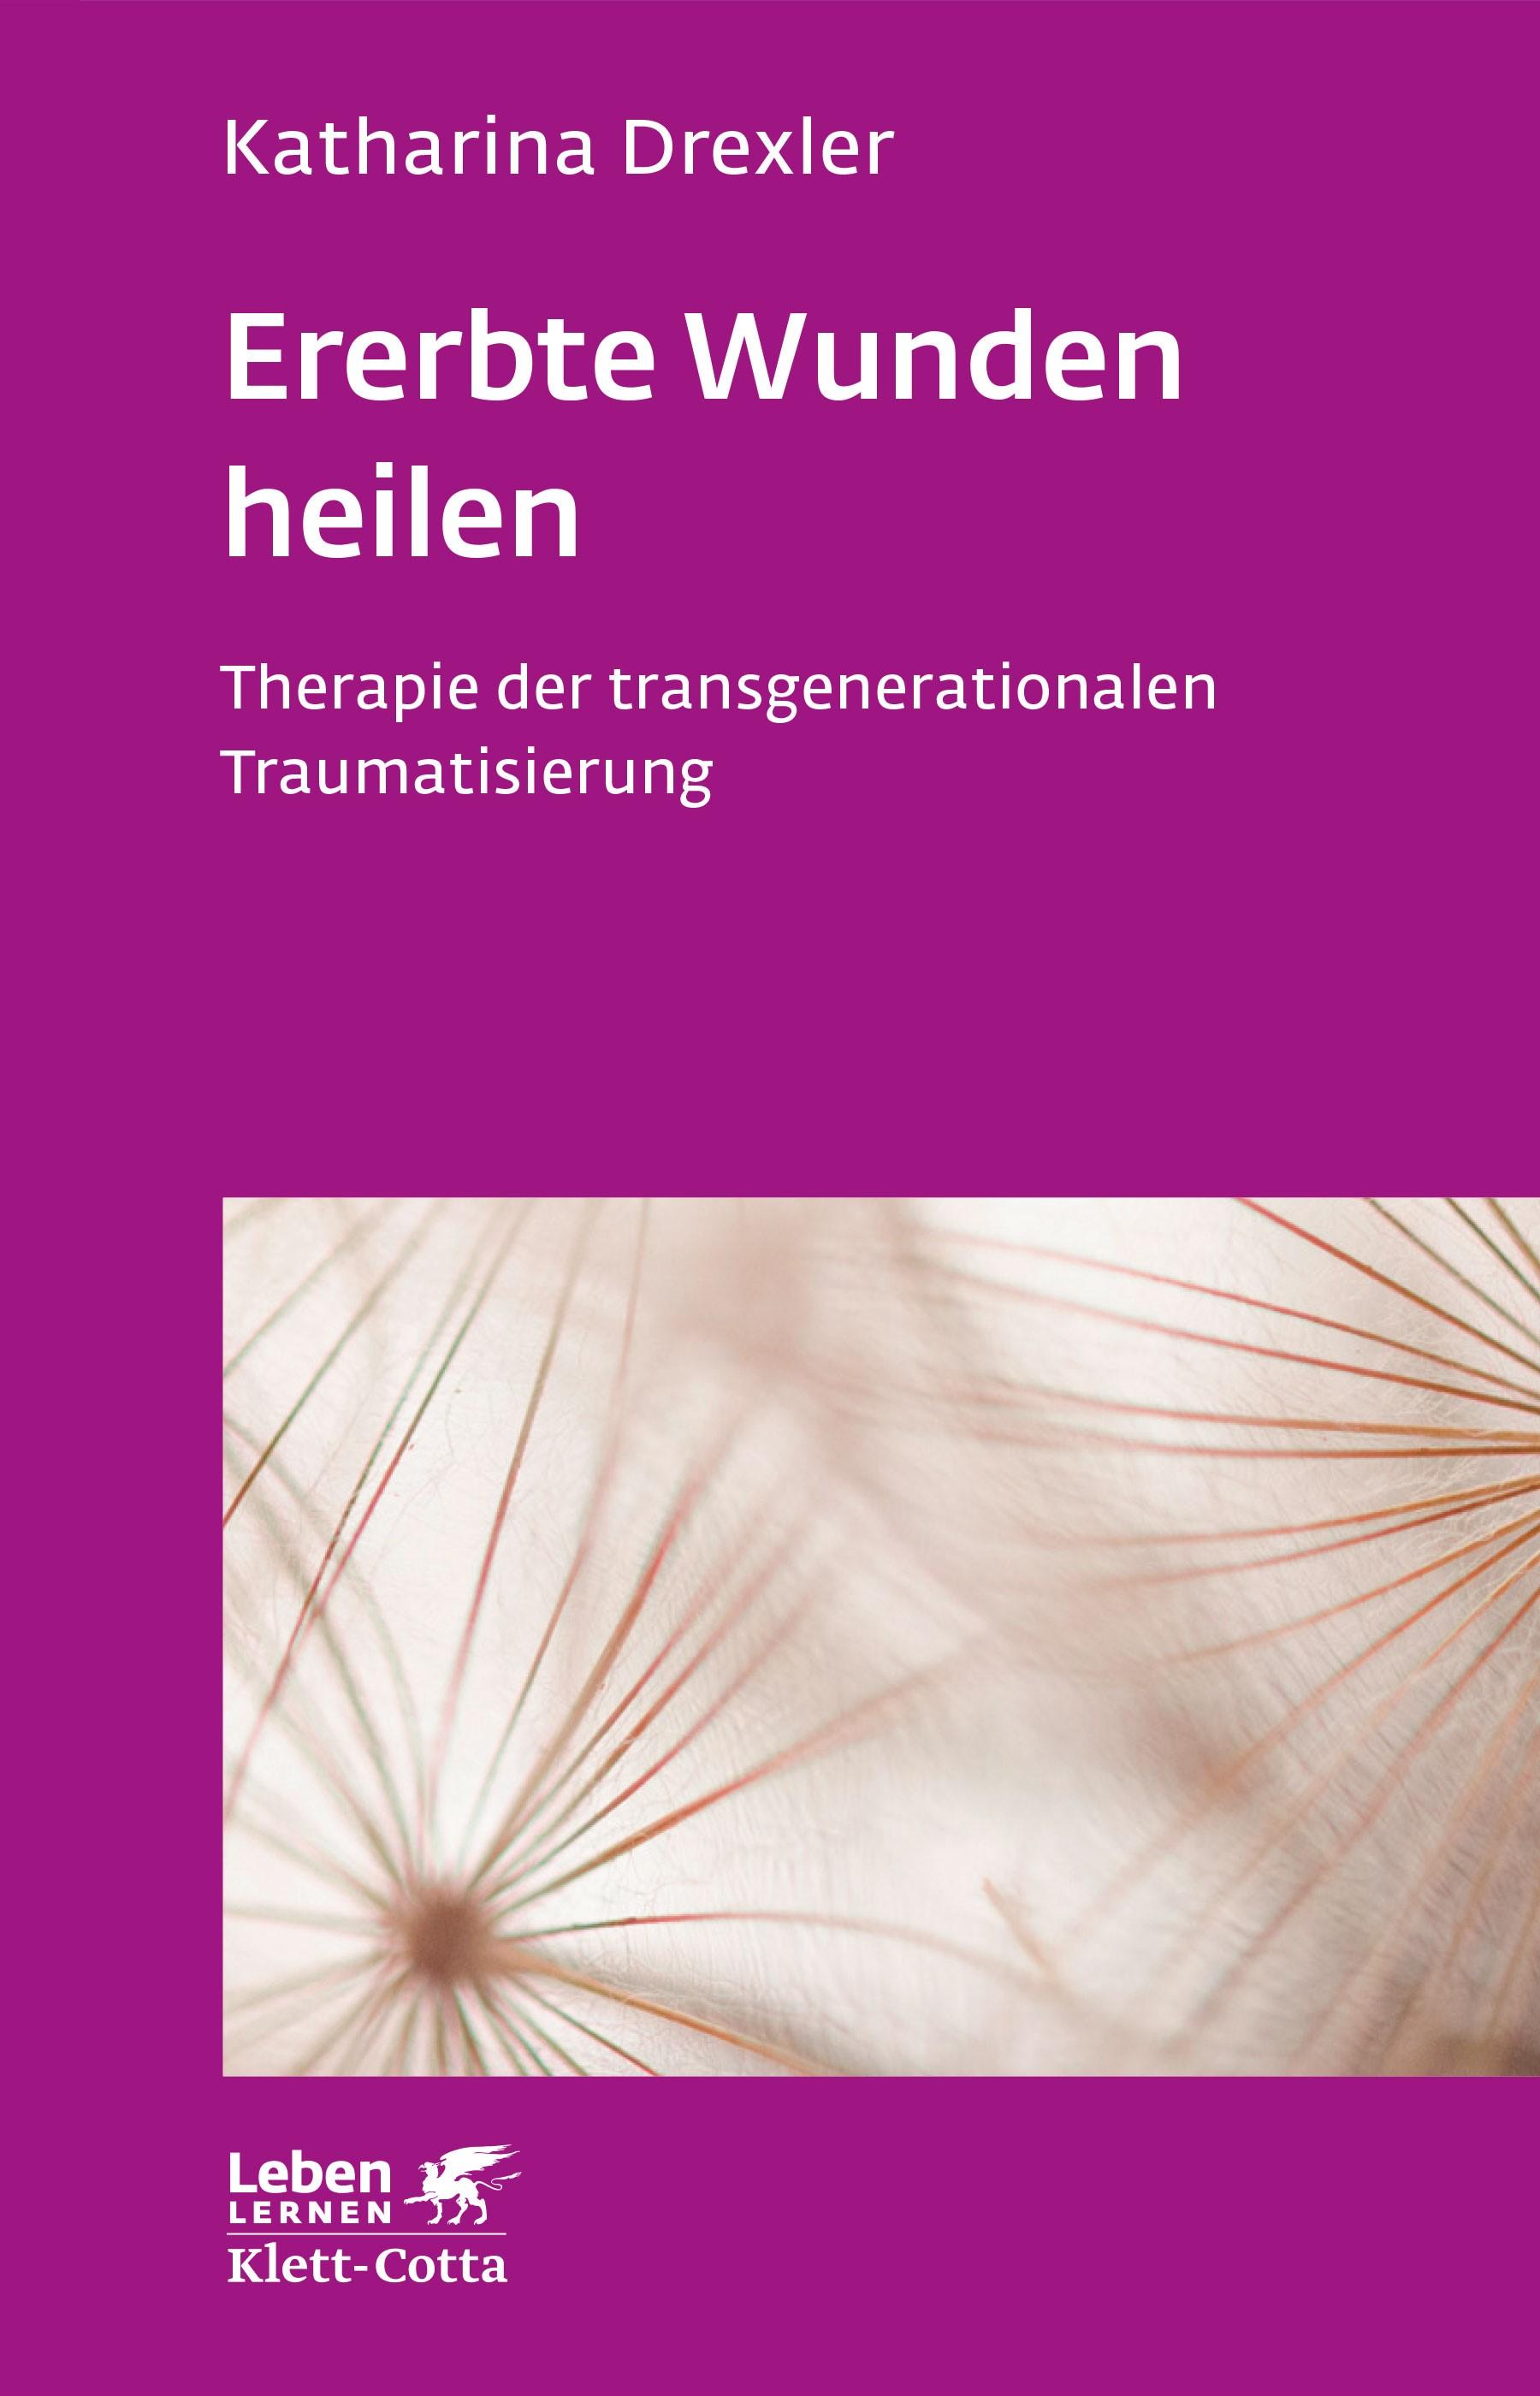 Ererbte Wunden heilen | Drexler | 3. Druckaufl., 2017 | Buch (Cover)